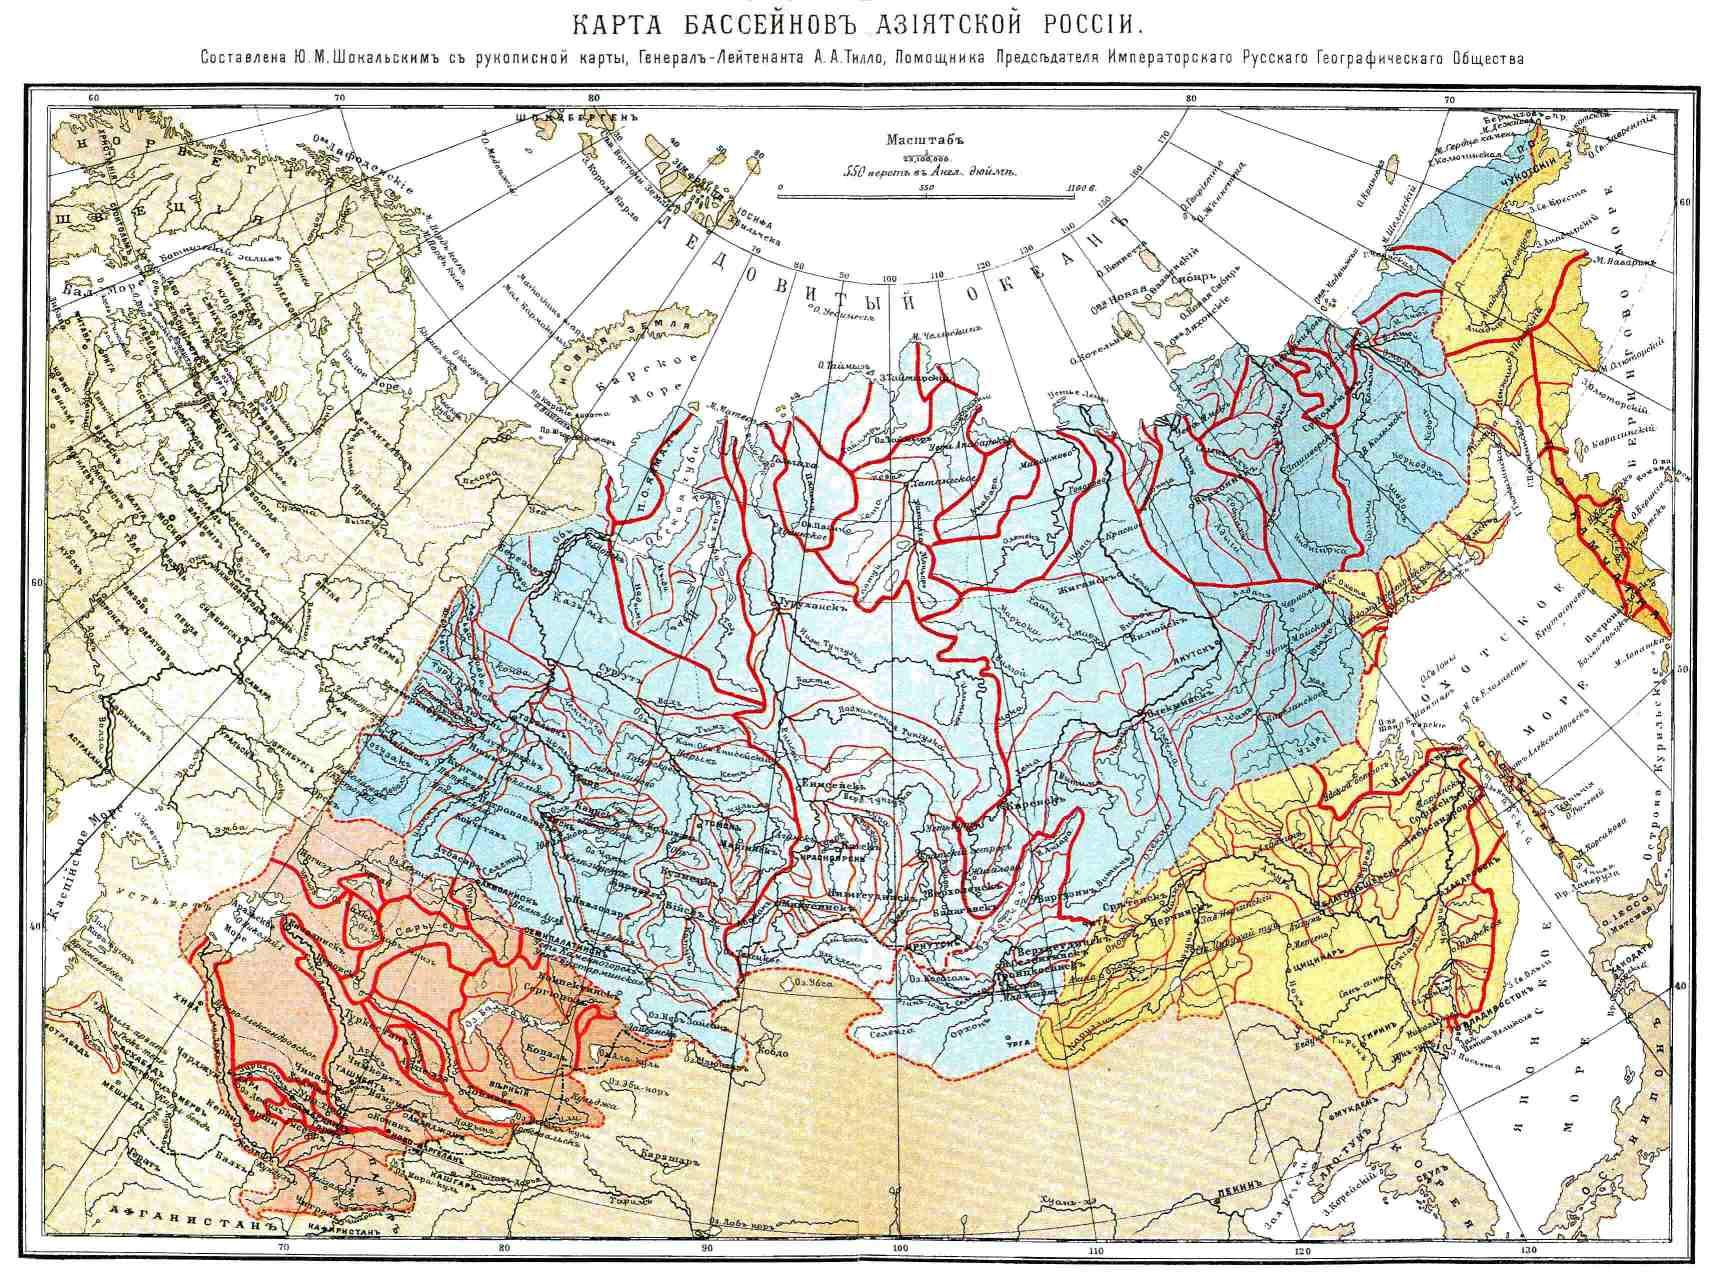 Карта бассейнов азиатской россии